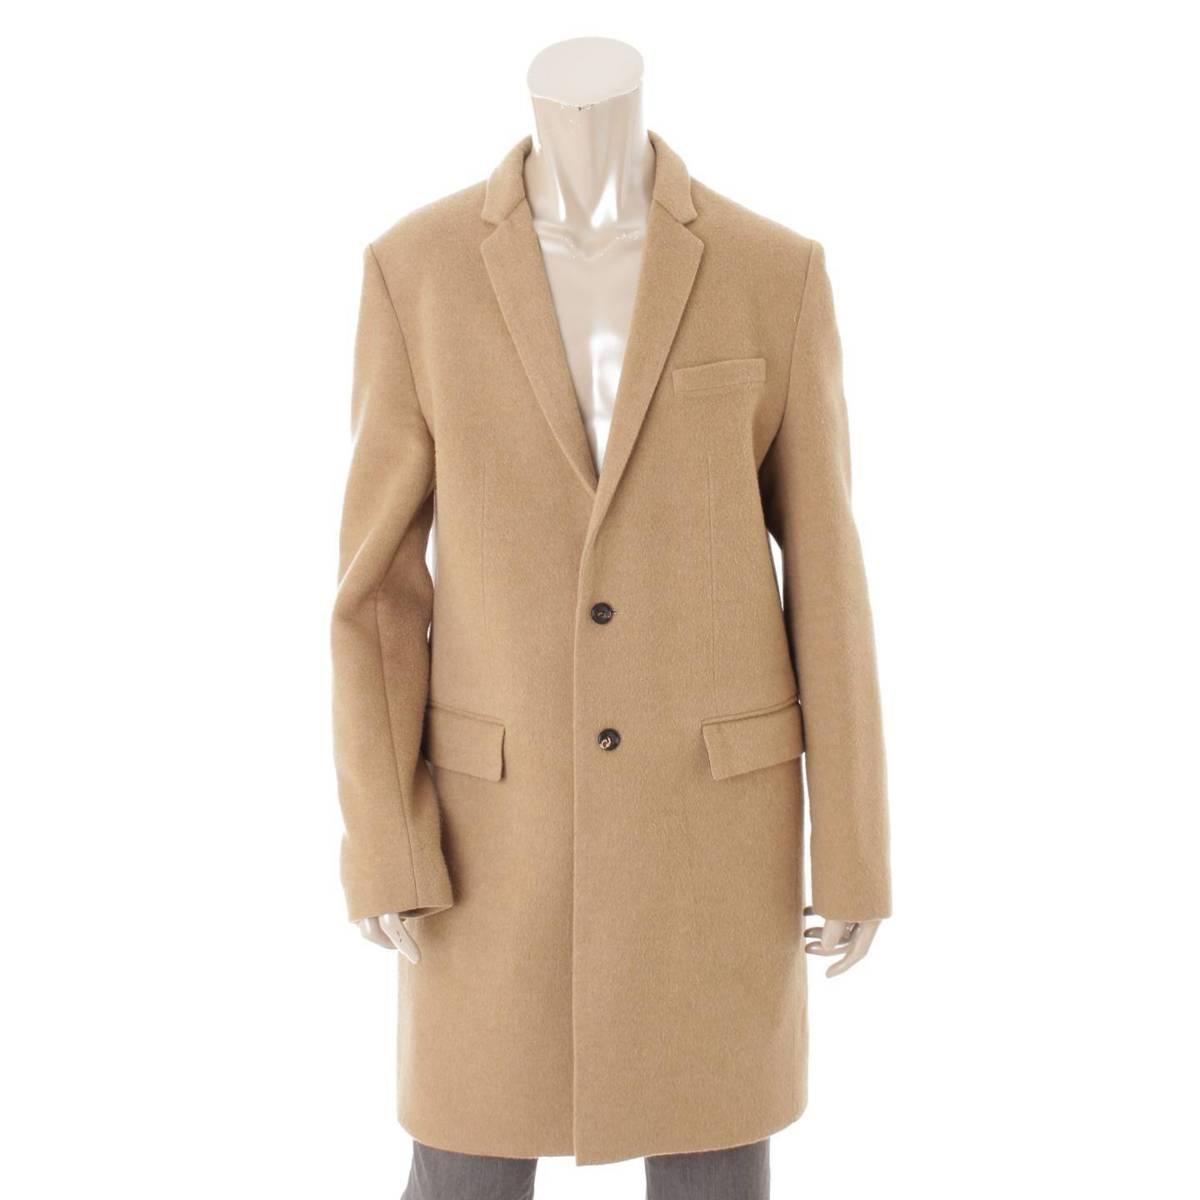 【ディオールオム】Dior Homme メンズ ウール コート ベージュ 48 【中古】【鑑定済・正規品保証】84131